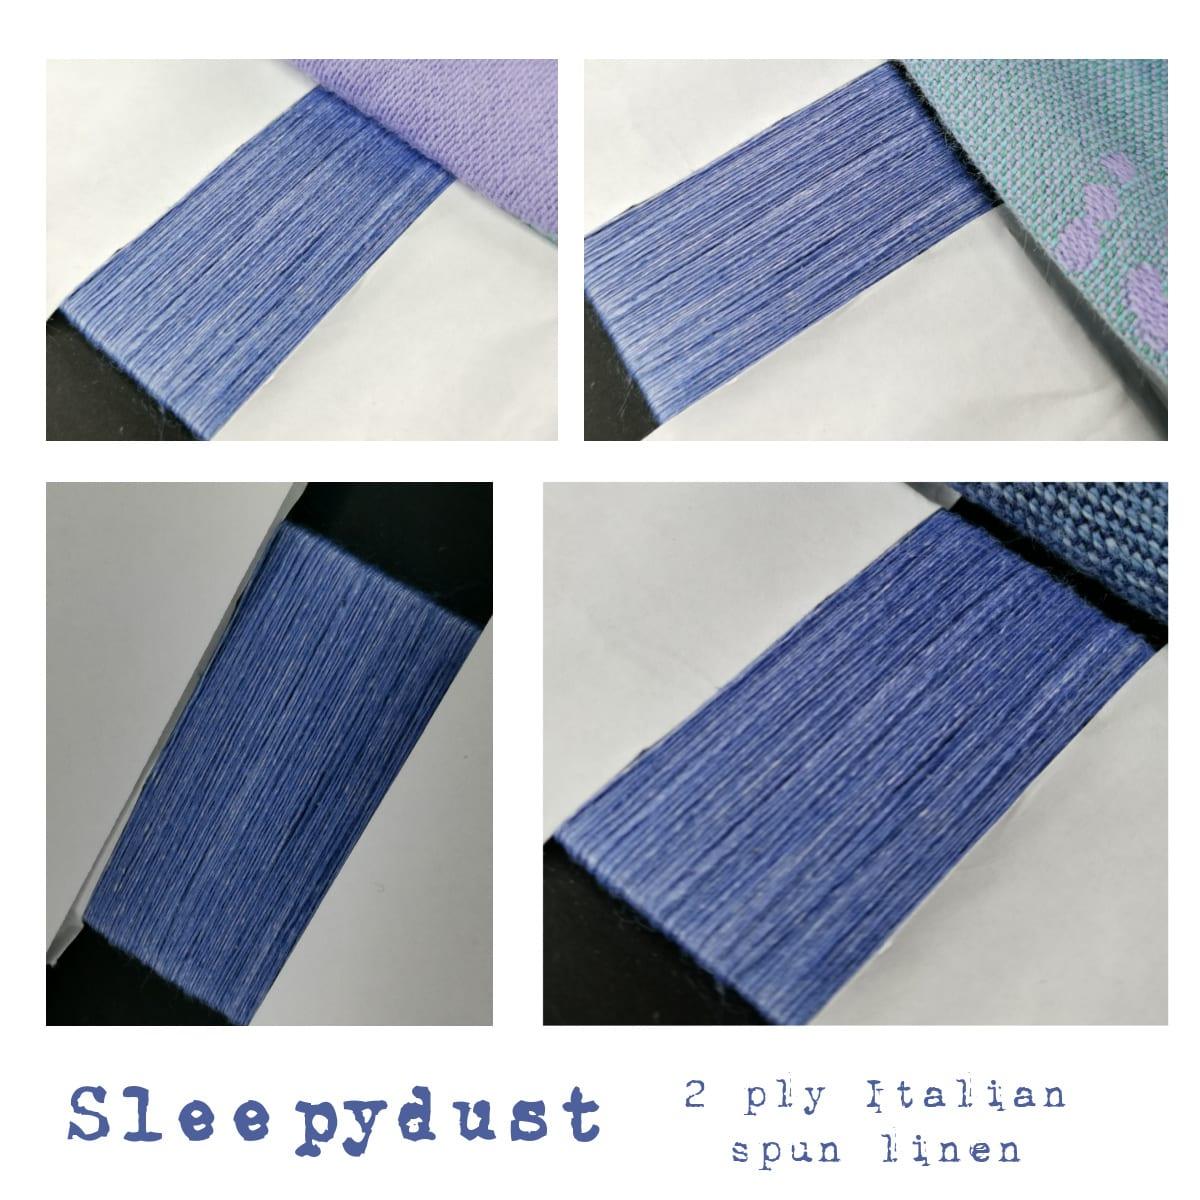 sleepydust